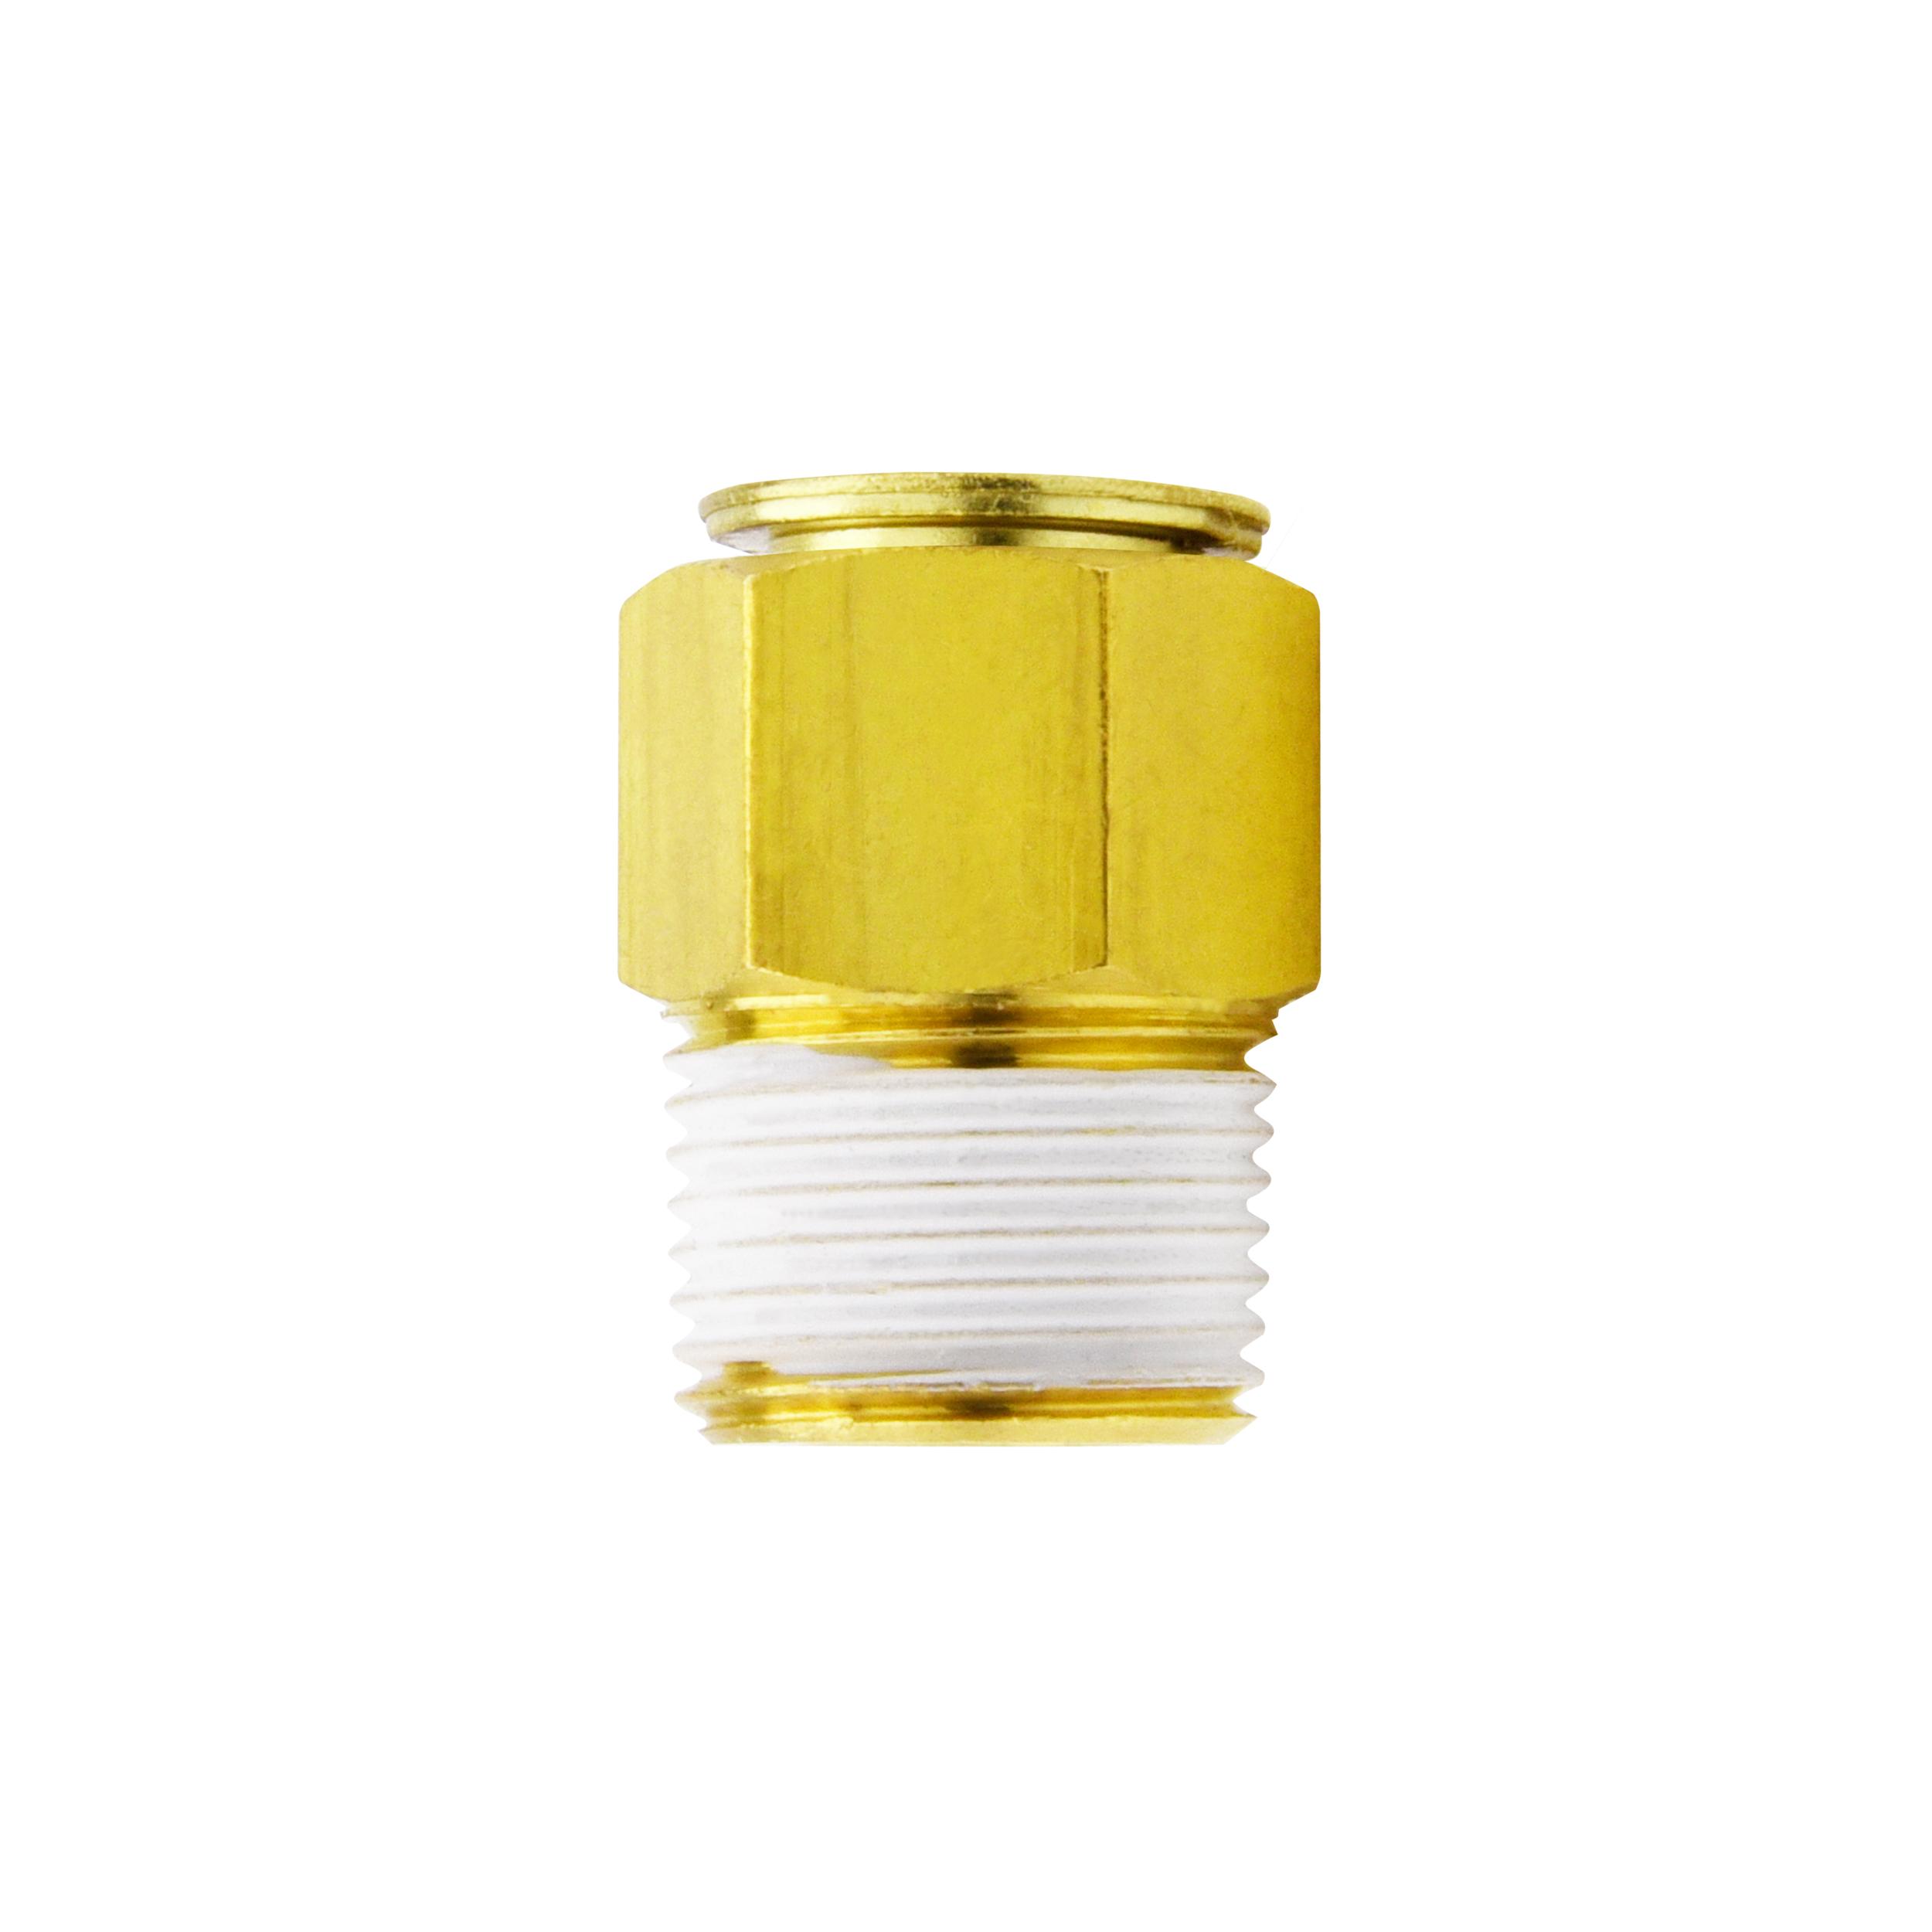 ข้อต่อฟิตติ้งทองเหลือง (C-ring+FKM) Touch connector fuji series (viton)